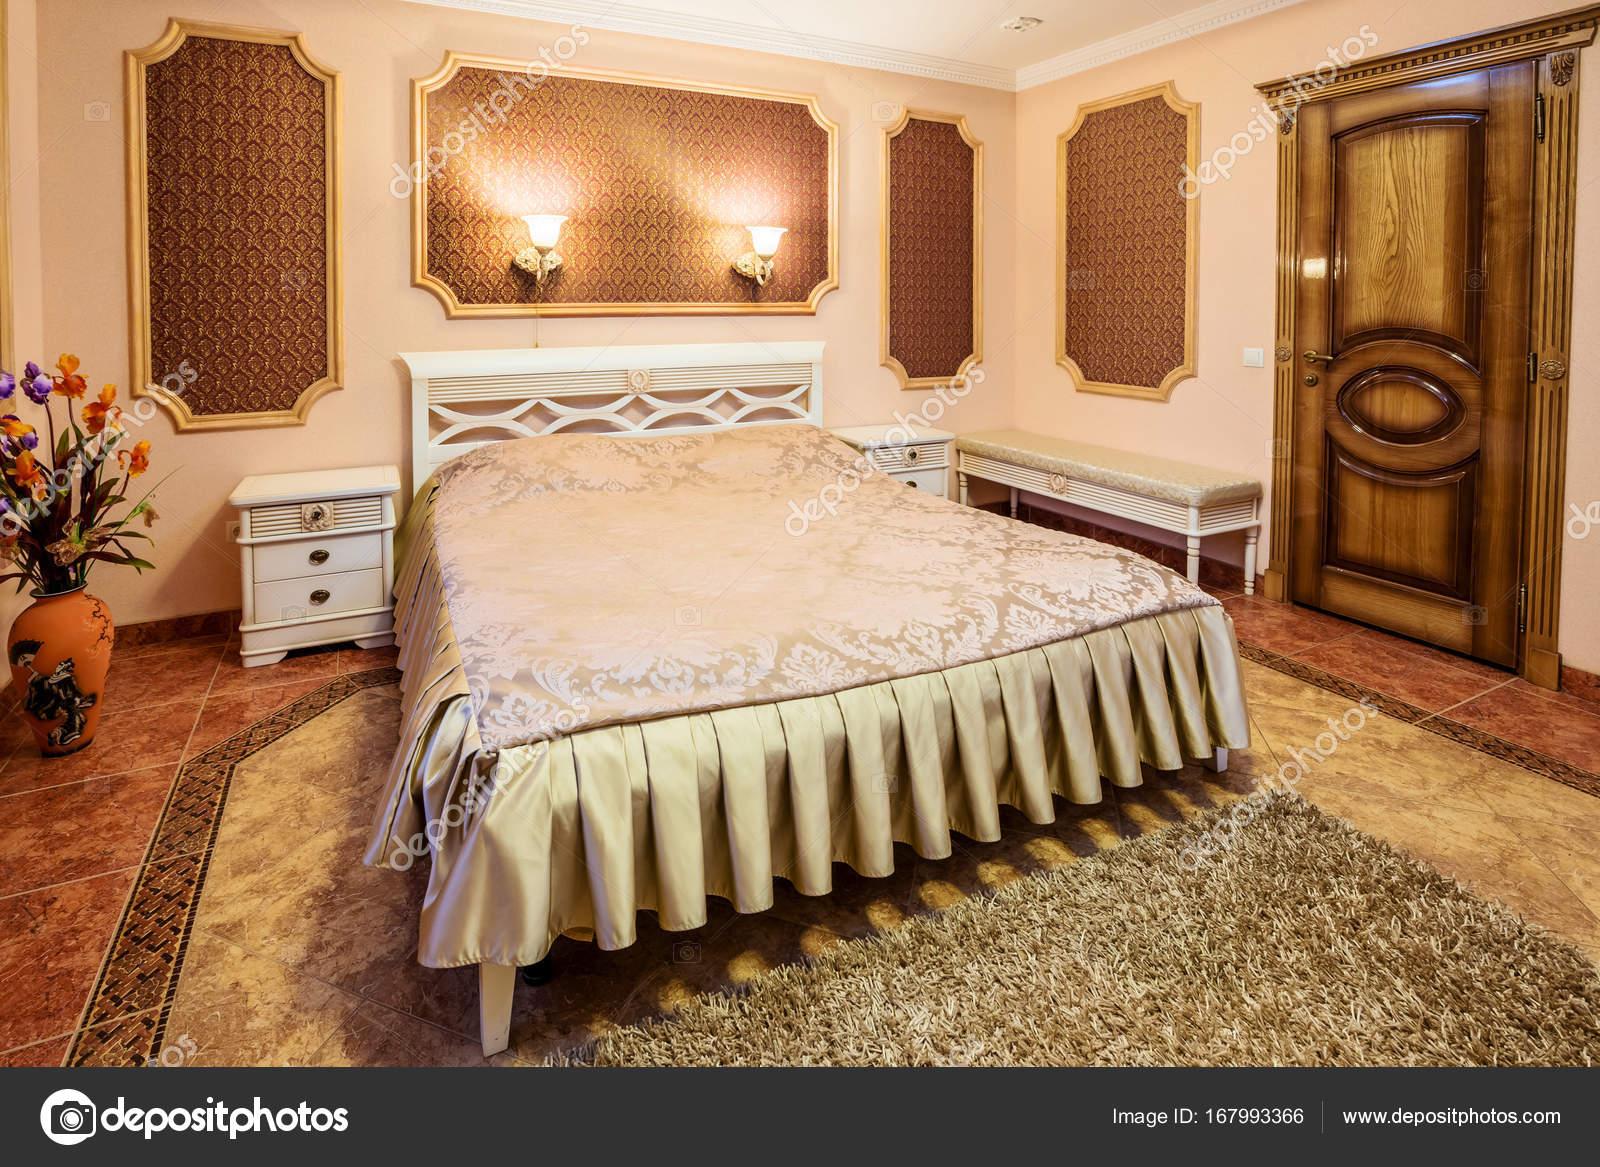 Decoratie en meubels in moderne slaapkamer u stockfoto nazarov